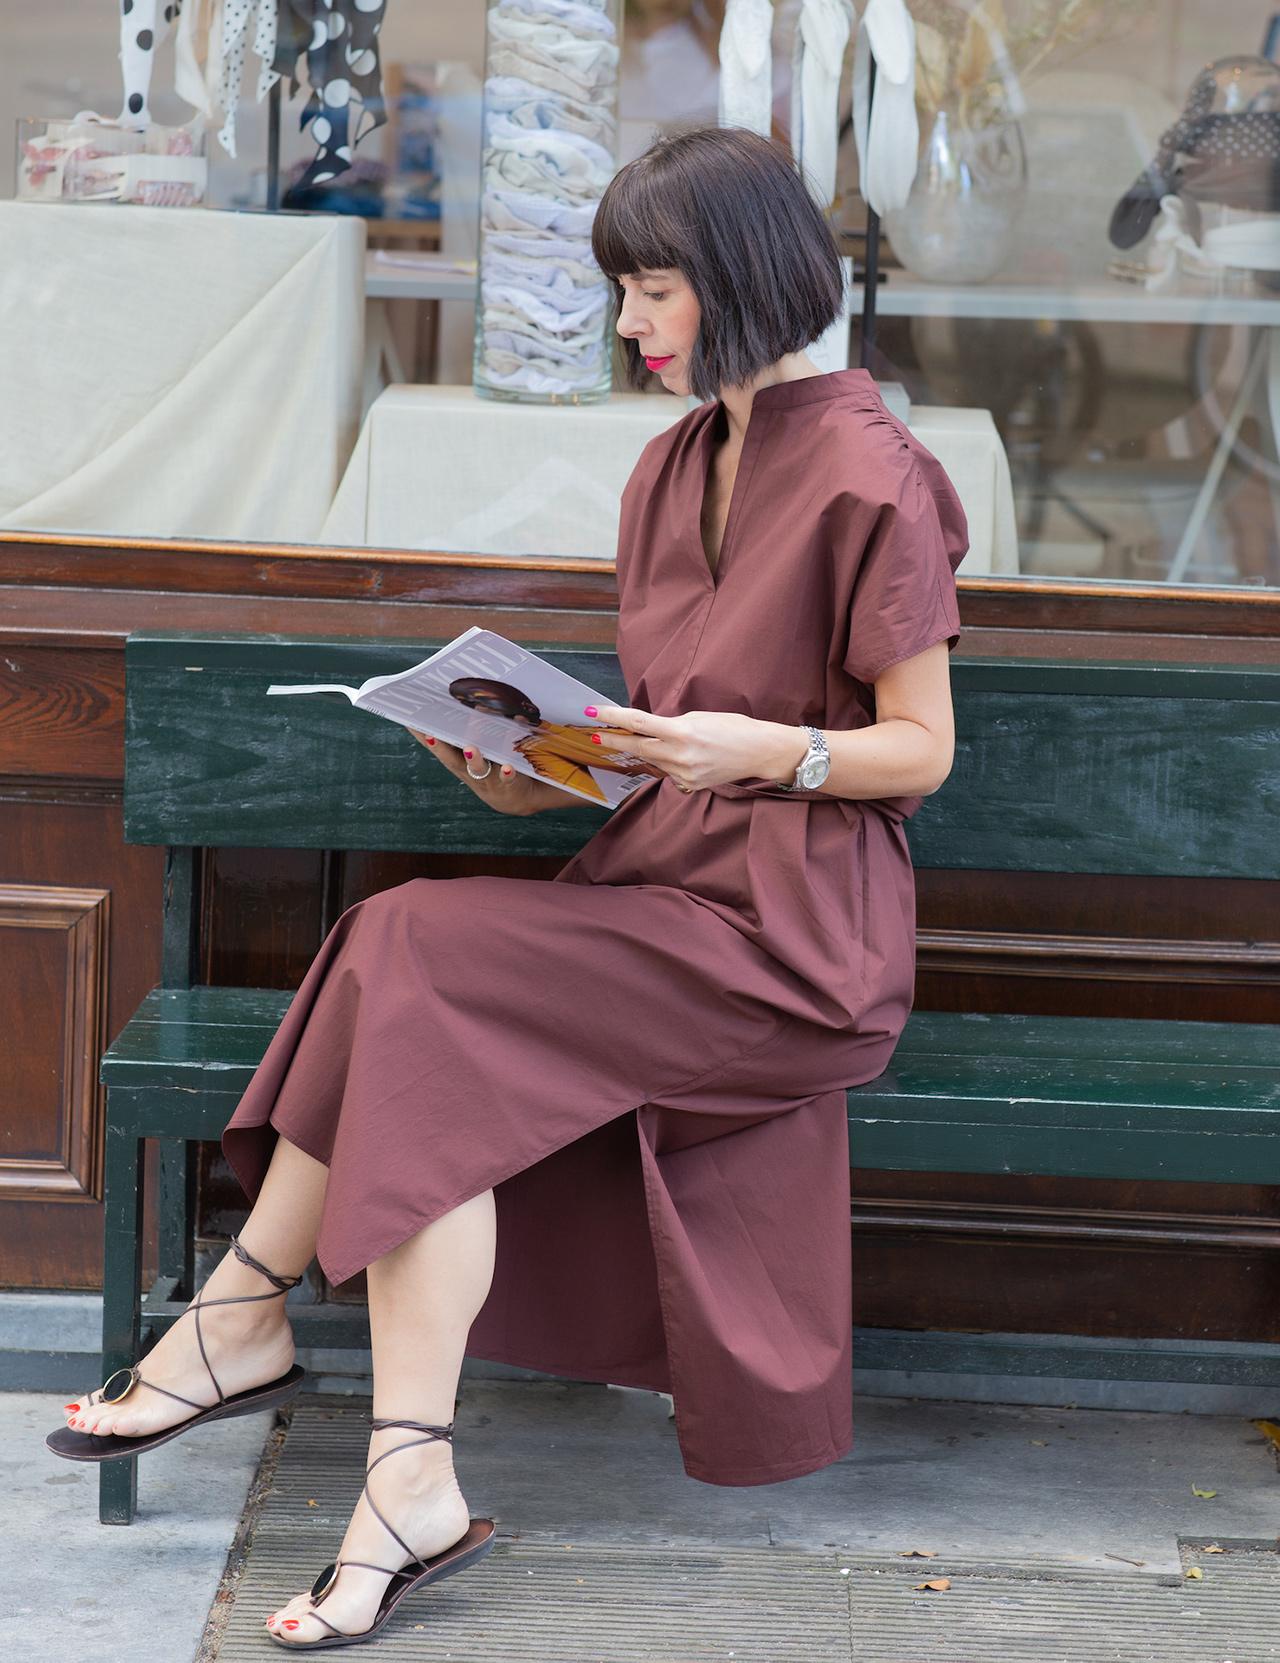 Trendfarbe Braun kombinieren - Frau sitzend auf einer Bank mit einer Zeitschrift in der Hand